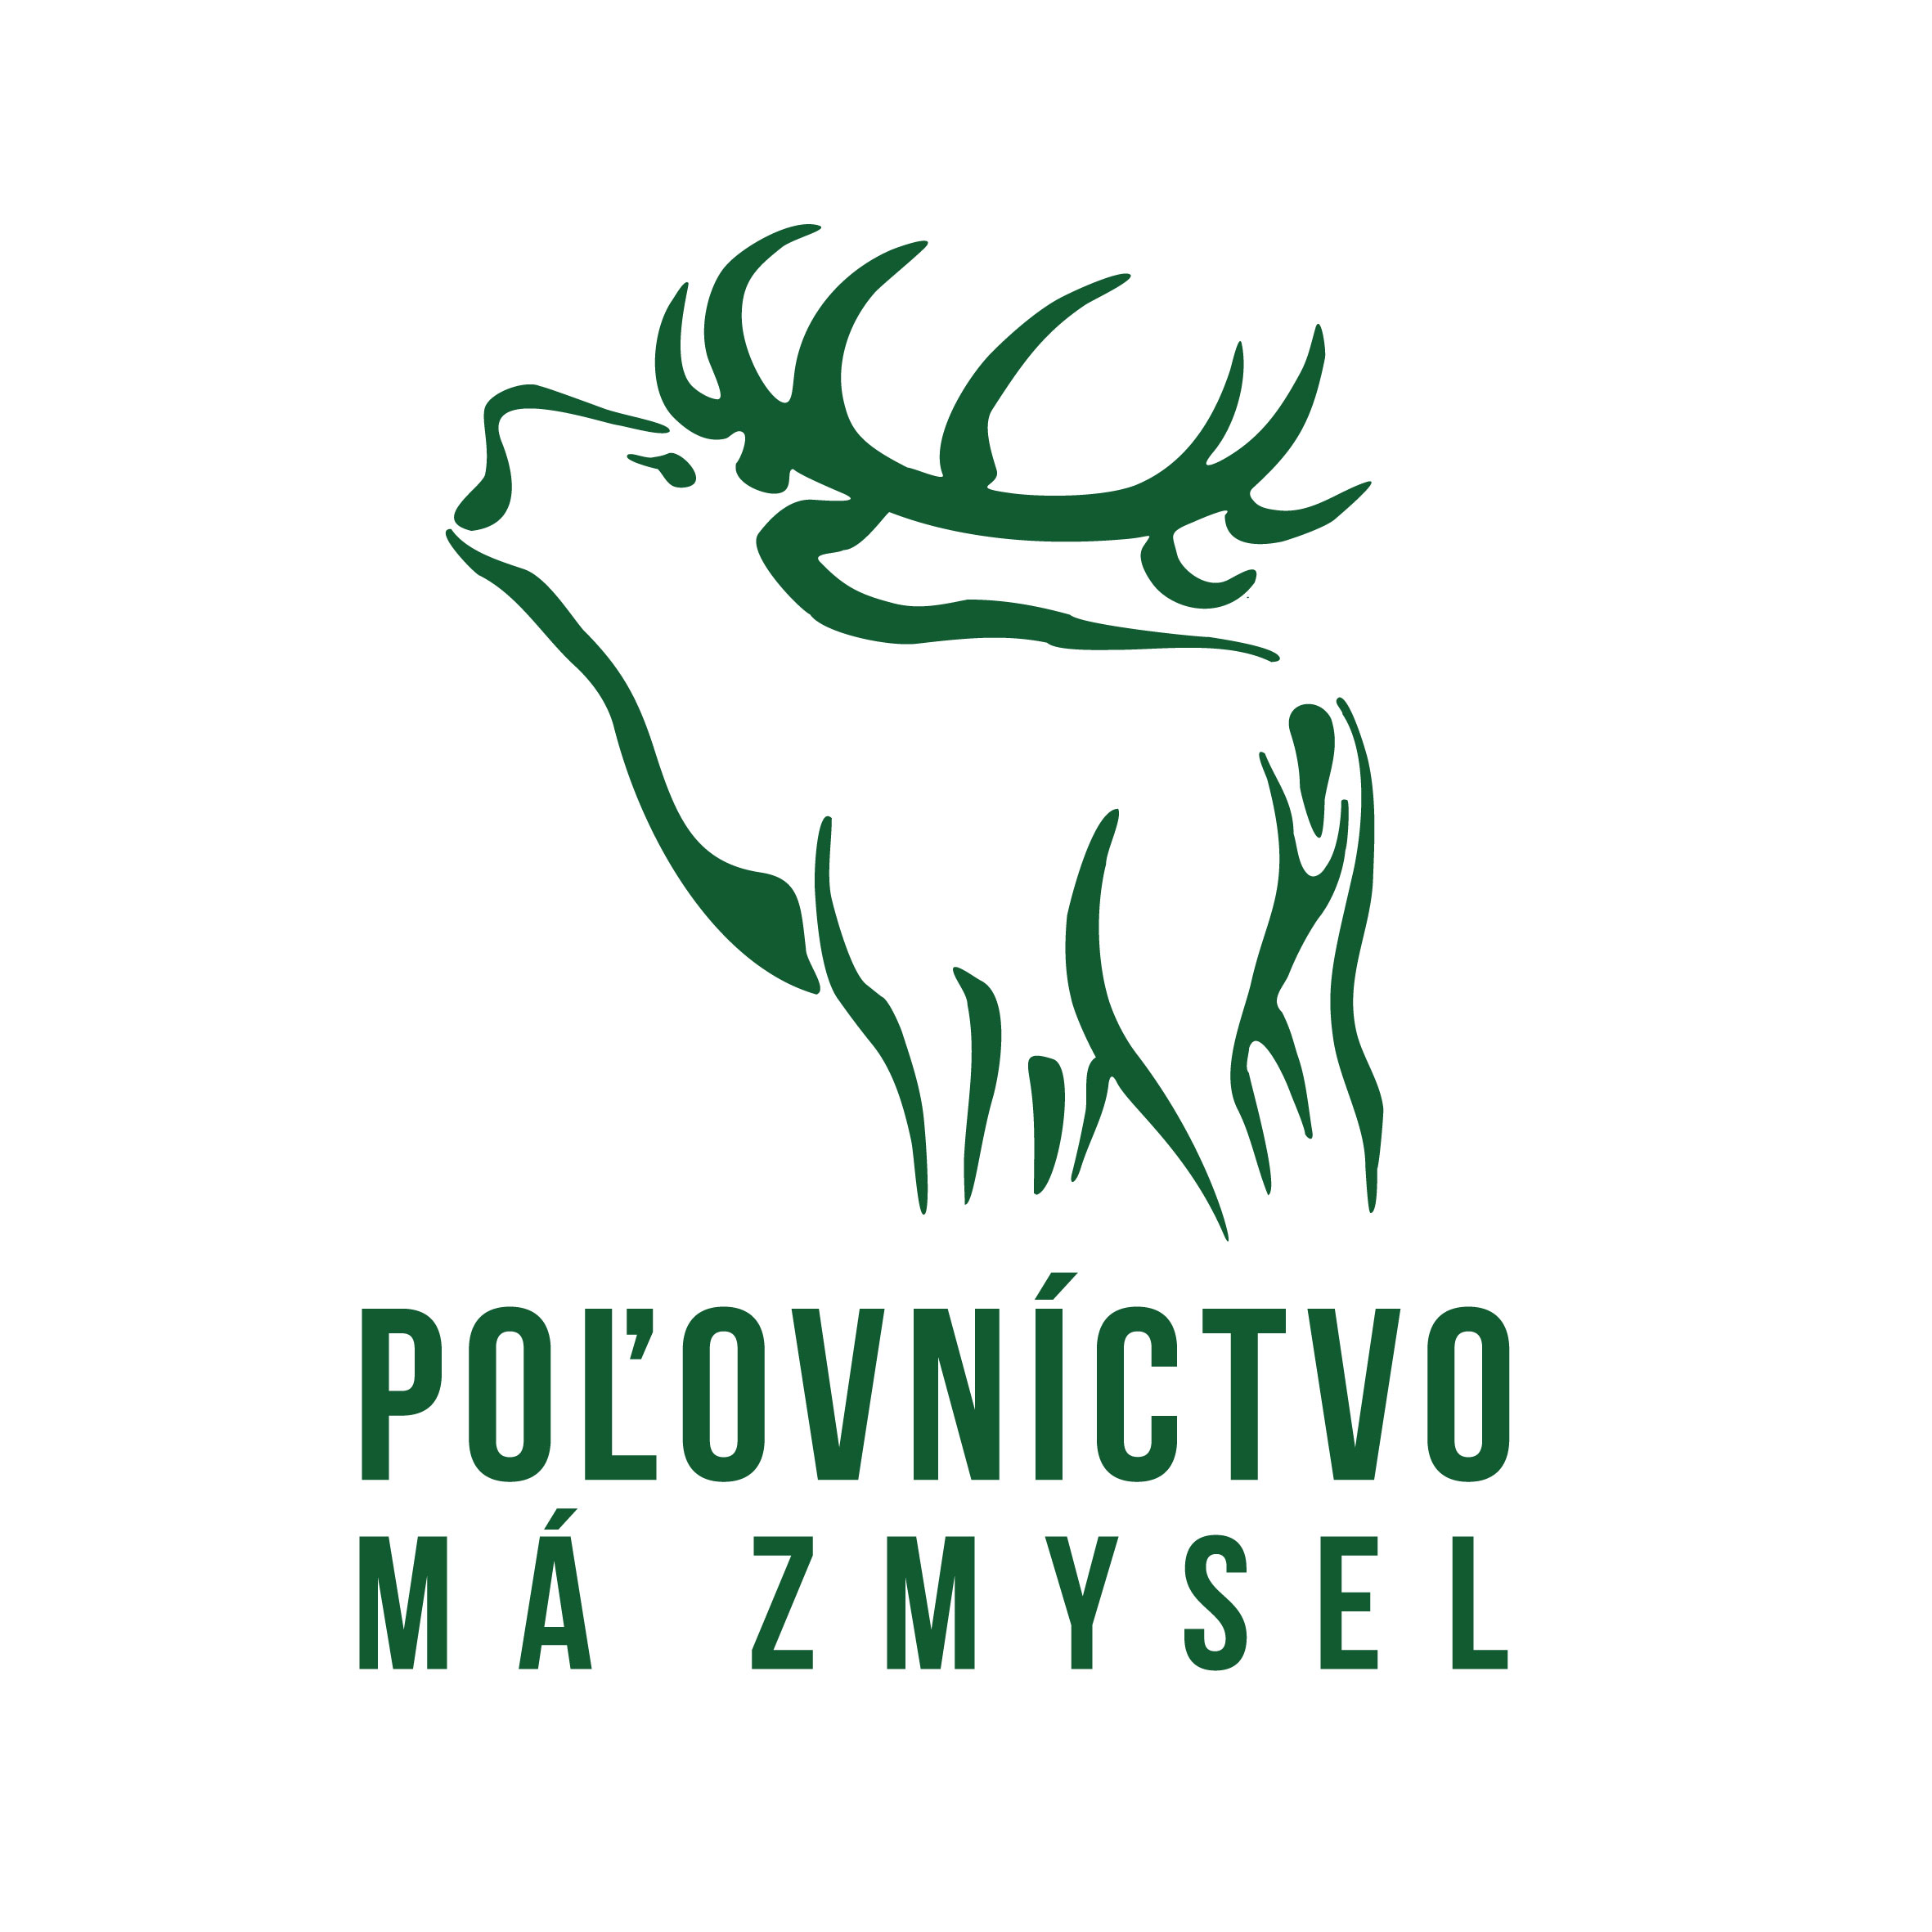 LOGO PMZ Facebook 02